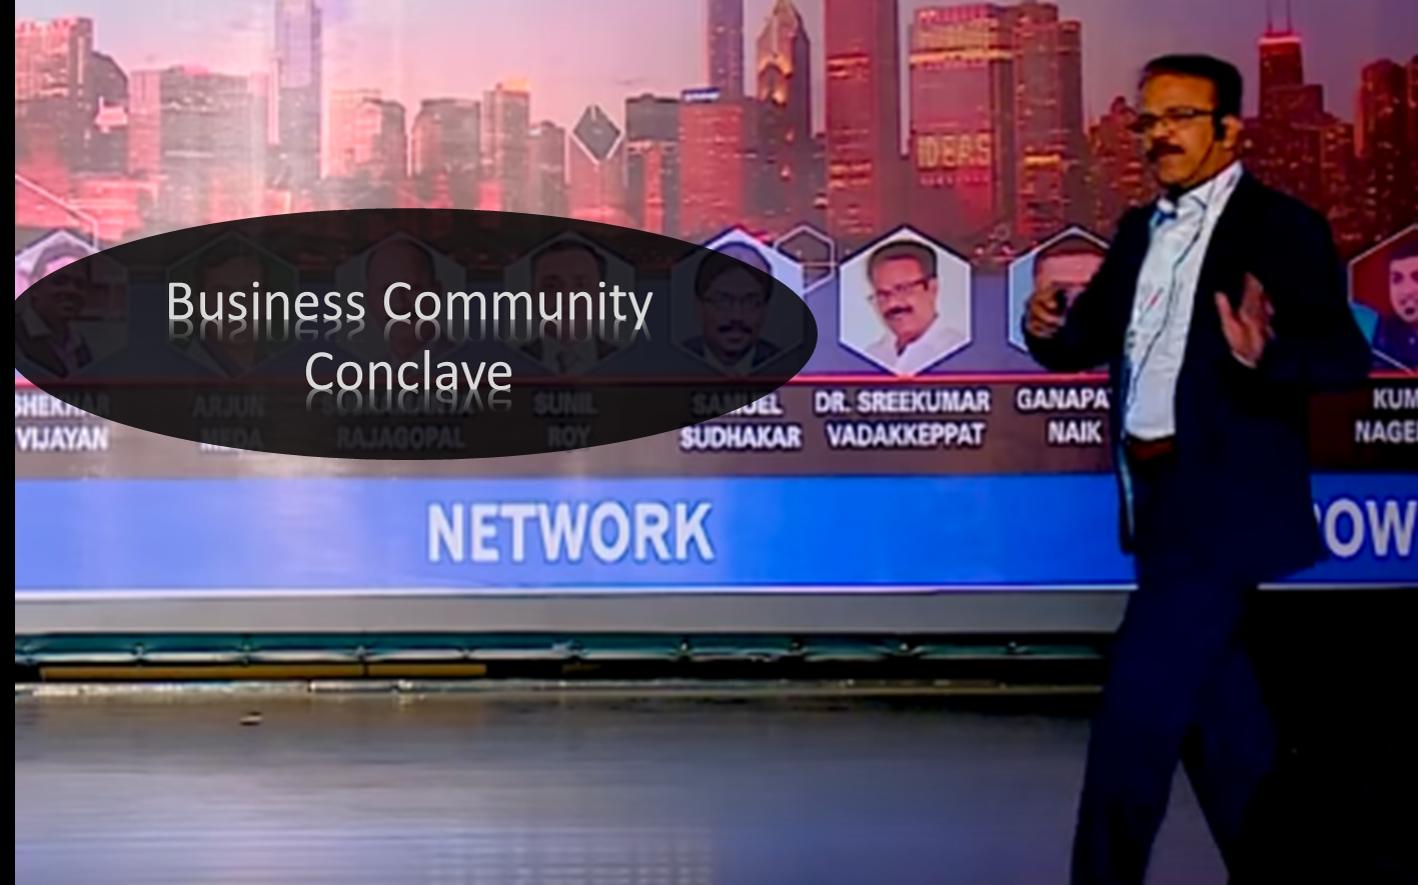 Business Community Conclave